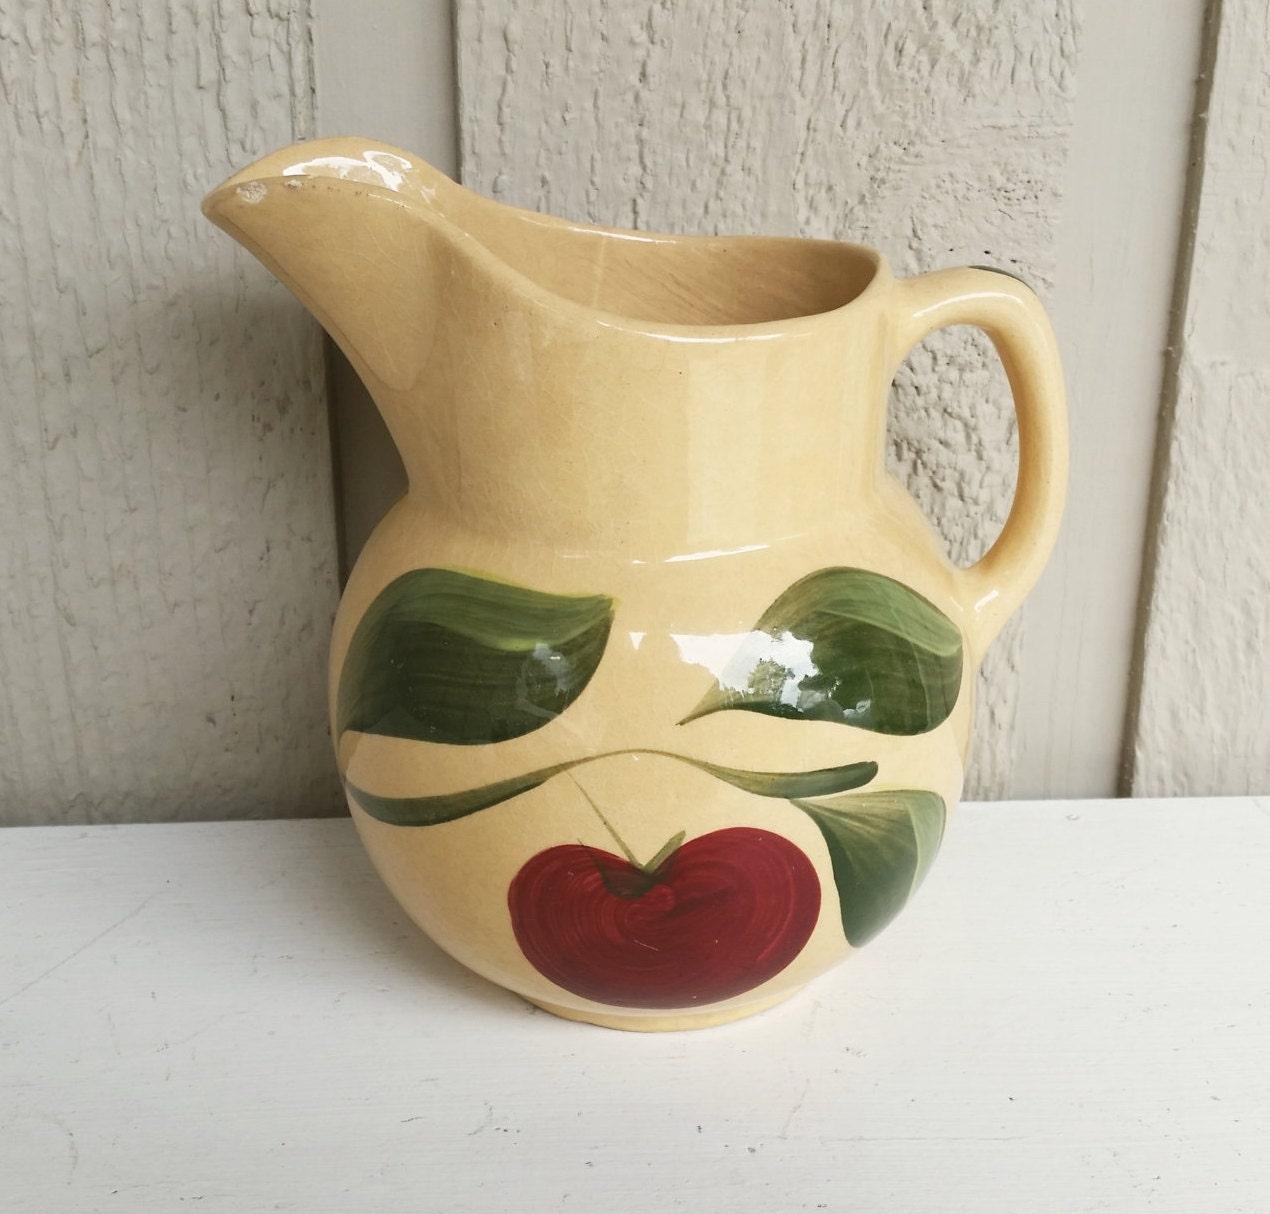 Vintage Watt Apple Pitcher 16 Yellow Ware Watt Pottery USA 3